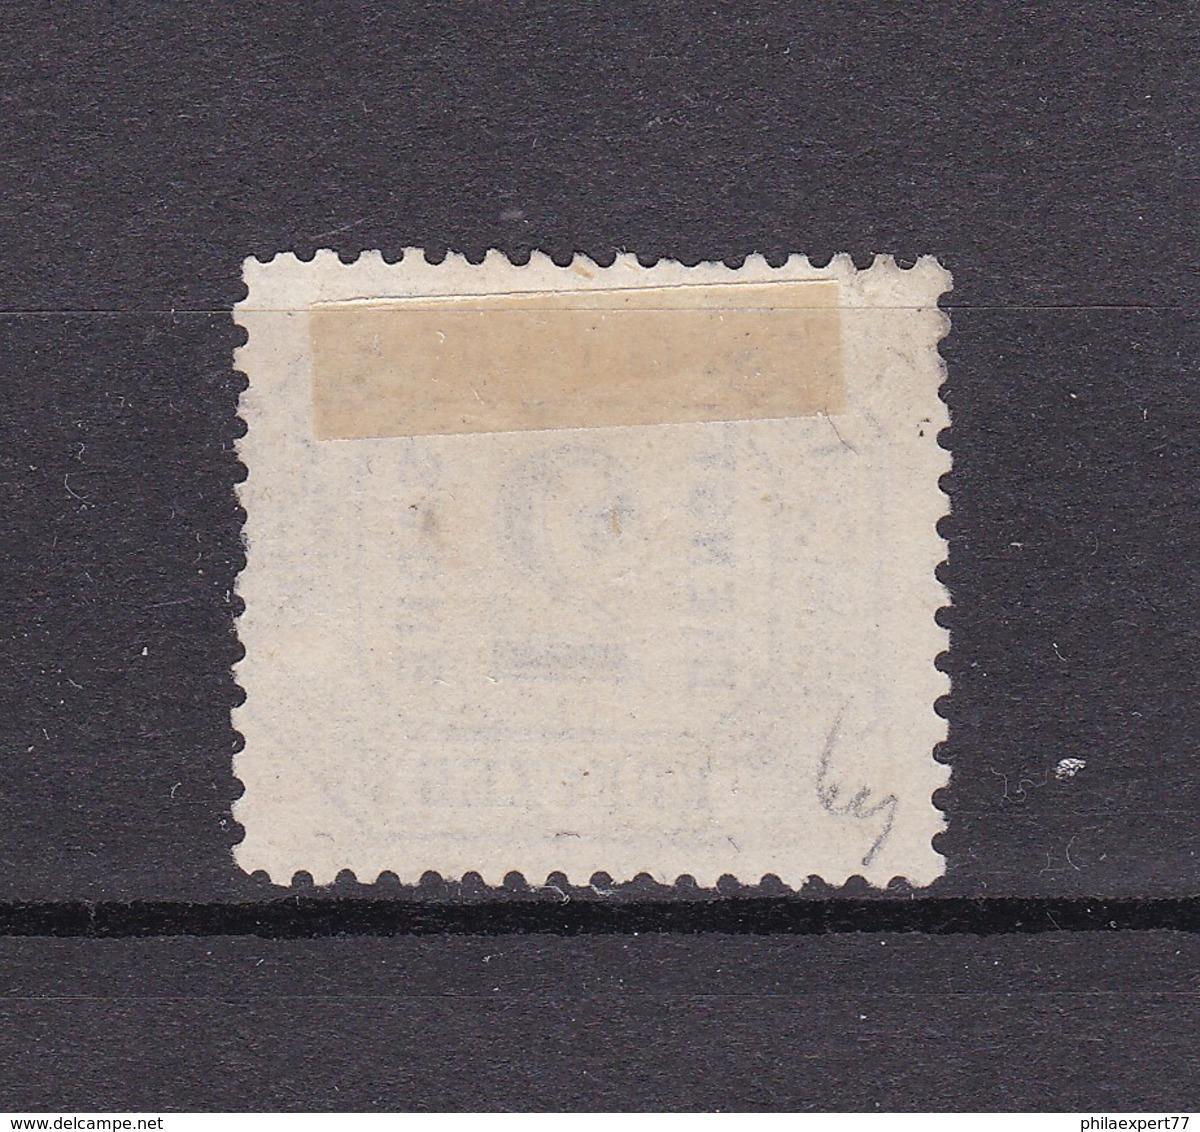 Norddeutscher Postbezirk - Dienstmarken - 1870 - Michel Nr. 7 - Ungebr. - 50 Euro - North German Conf.